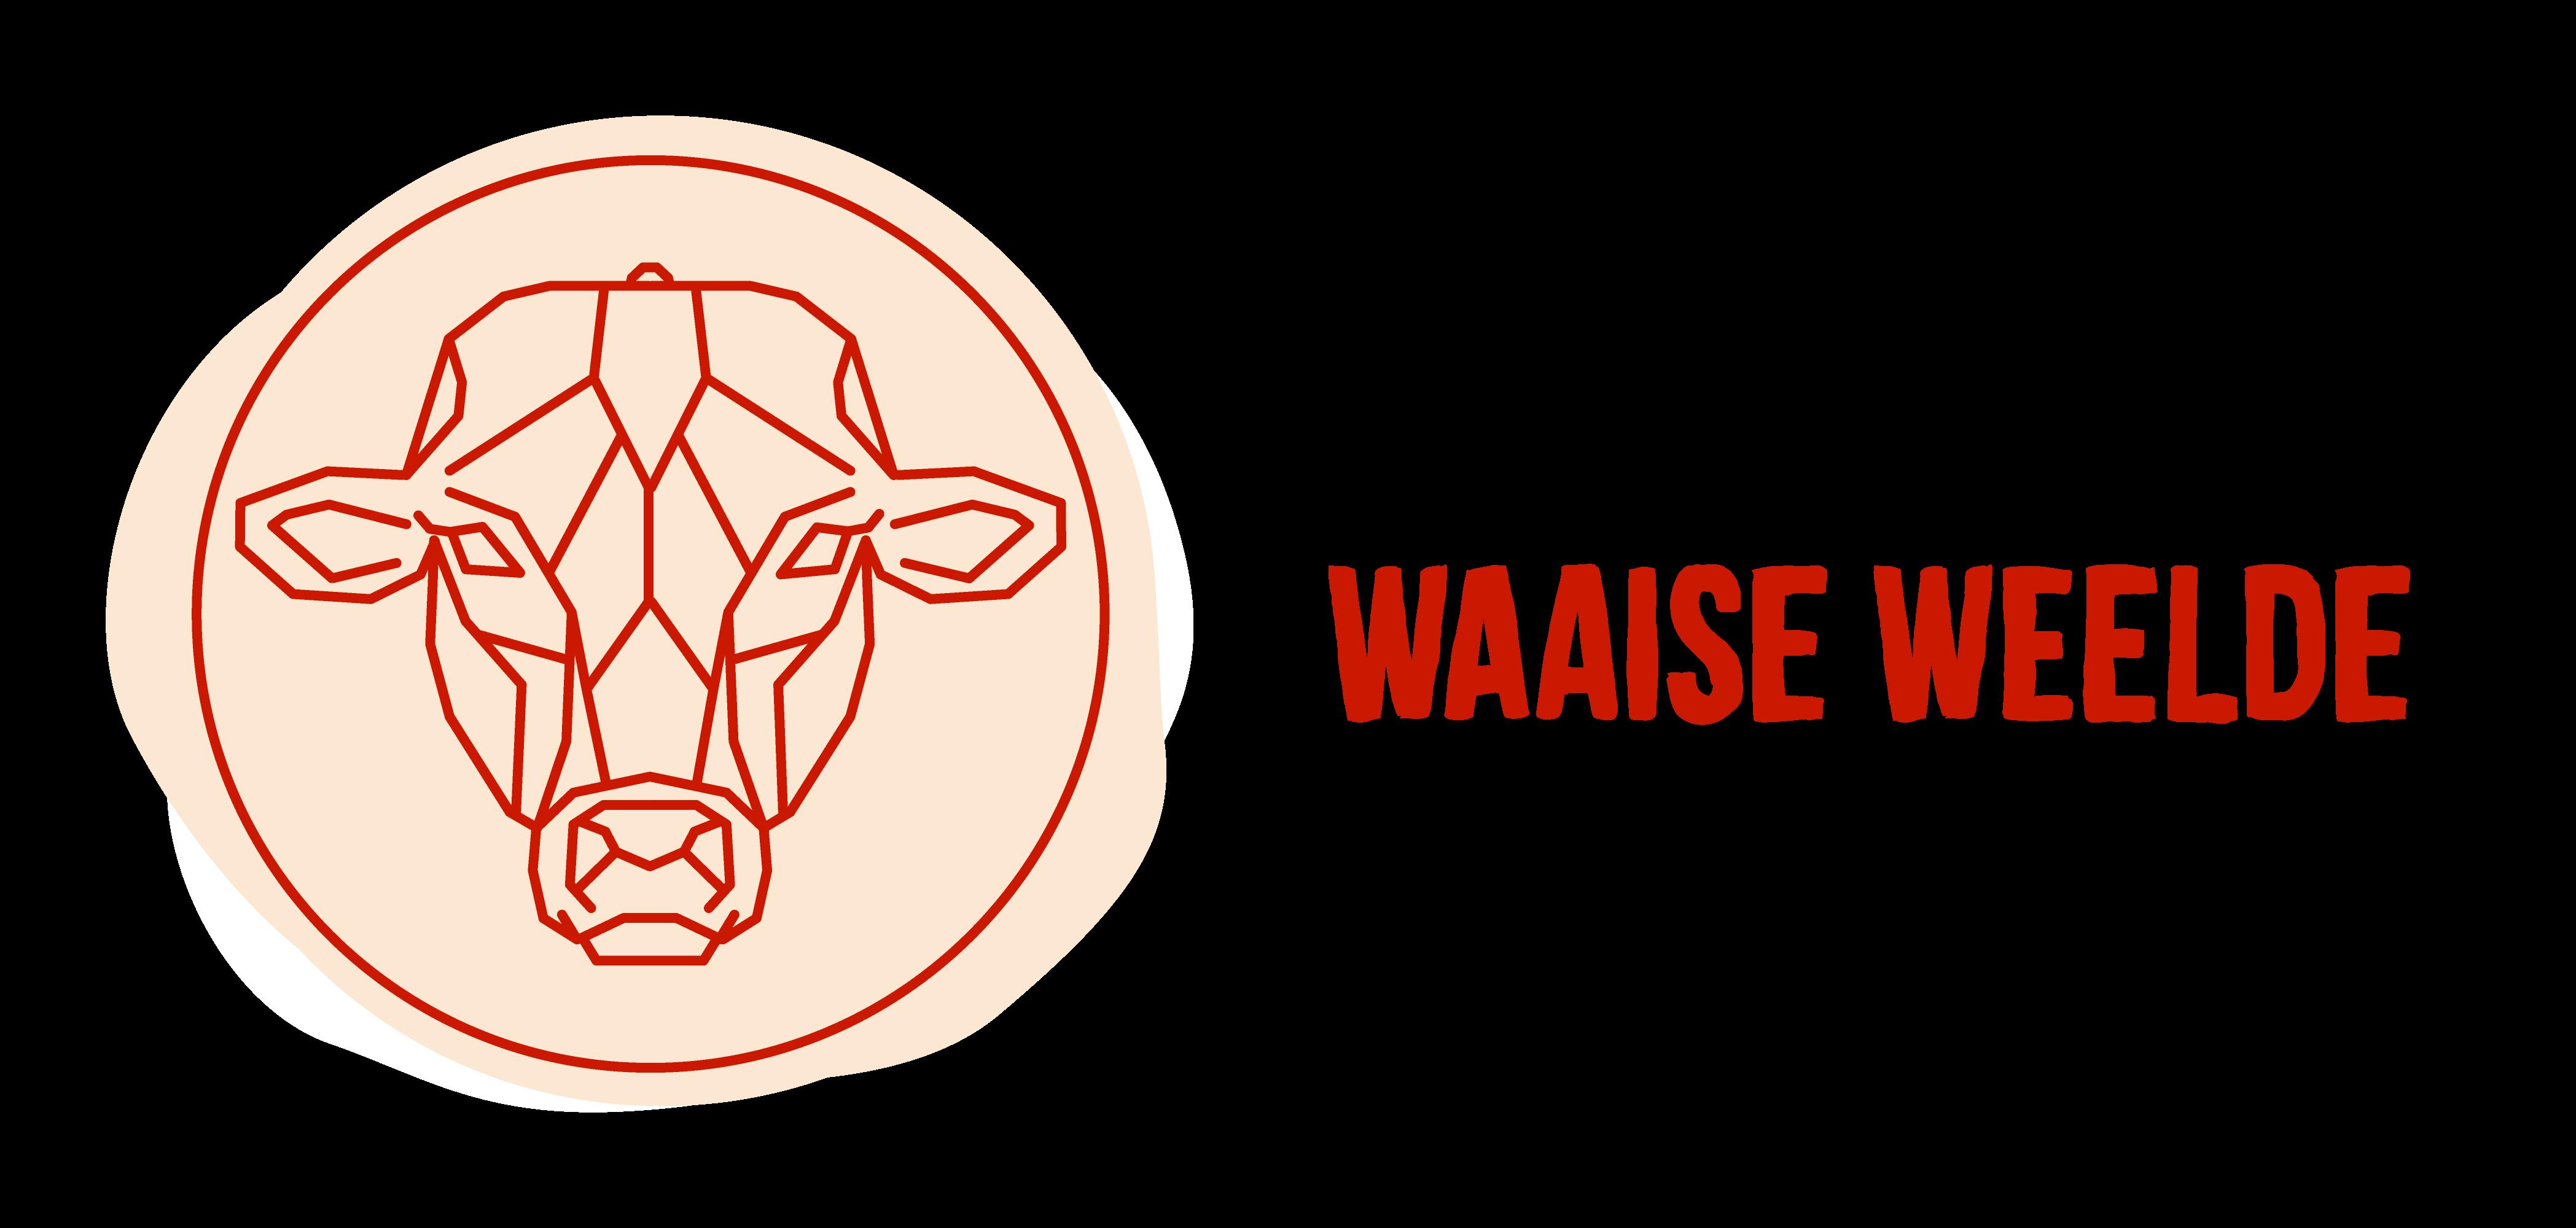 Waaiseweelde